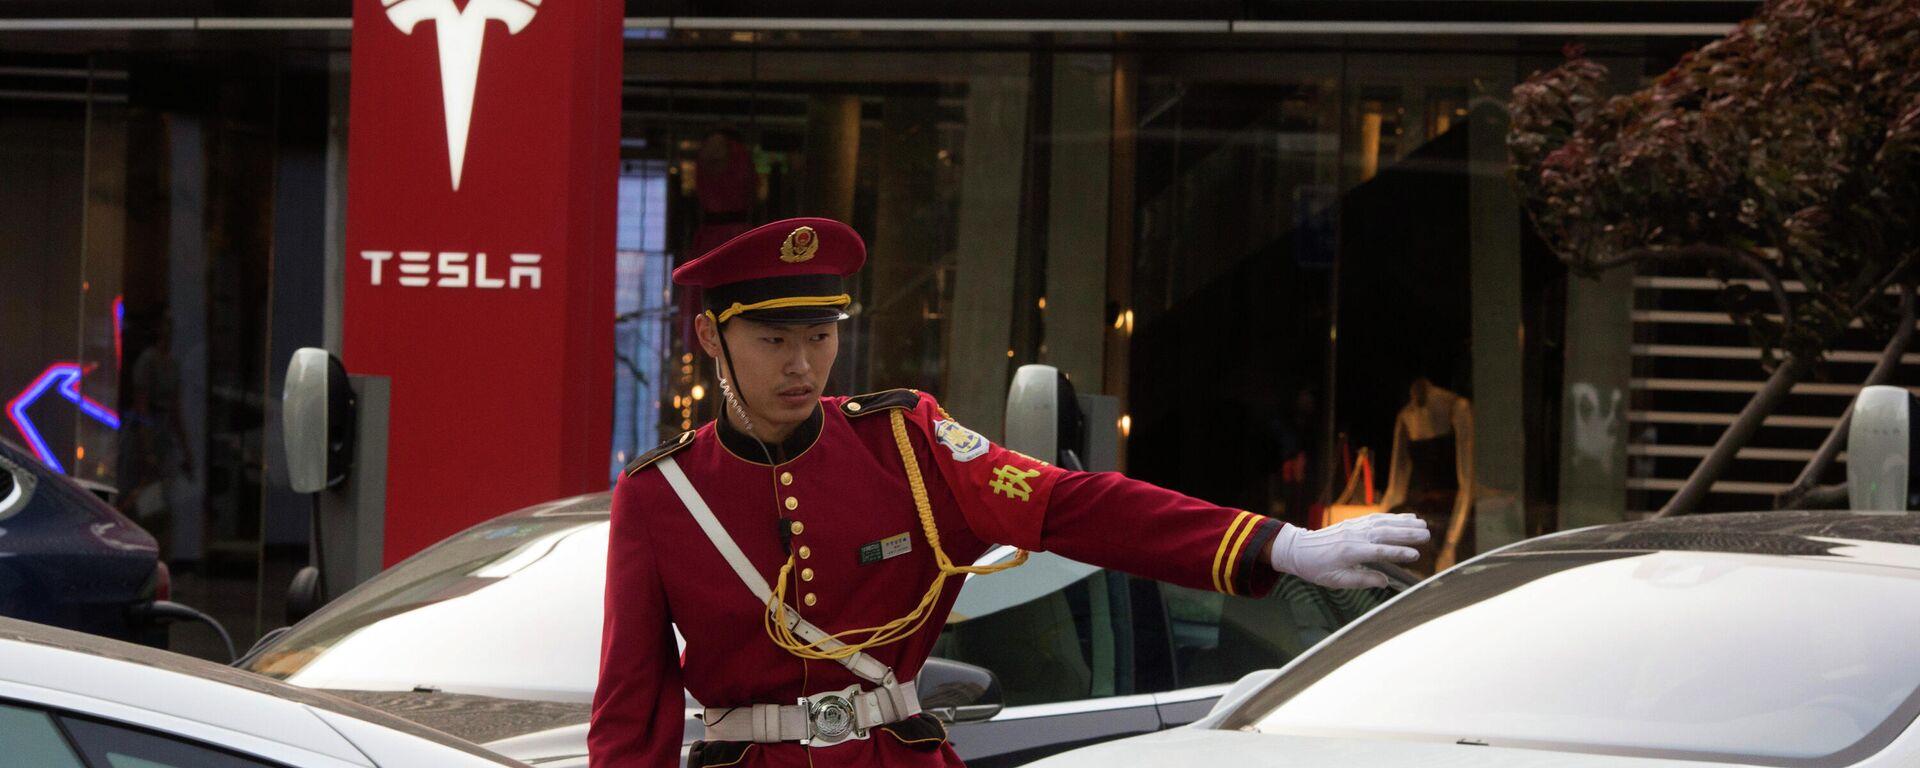 Un guardia de seguridad dirige el tráfico cerca de una estación de carga de Tesla en Pekín, China. - Sputnik Mundo, 1920, 20.03.2021